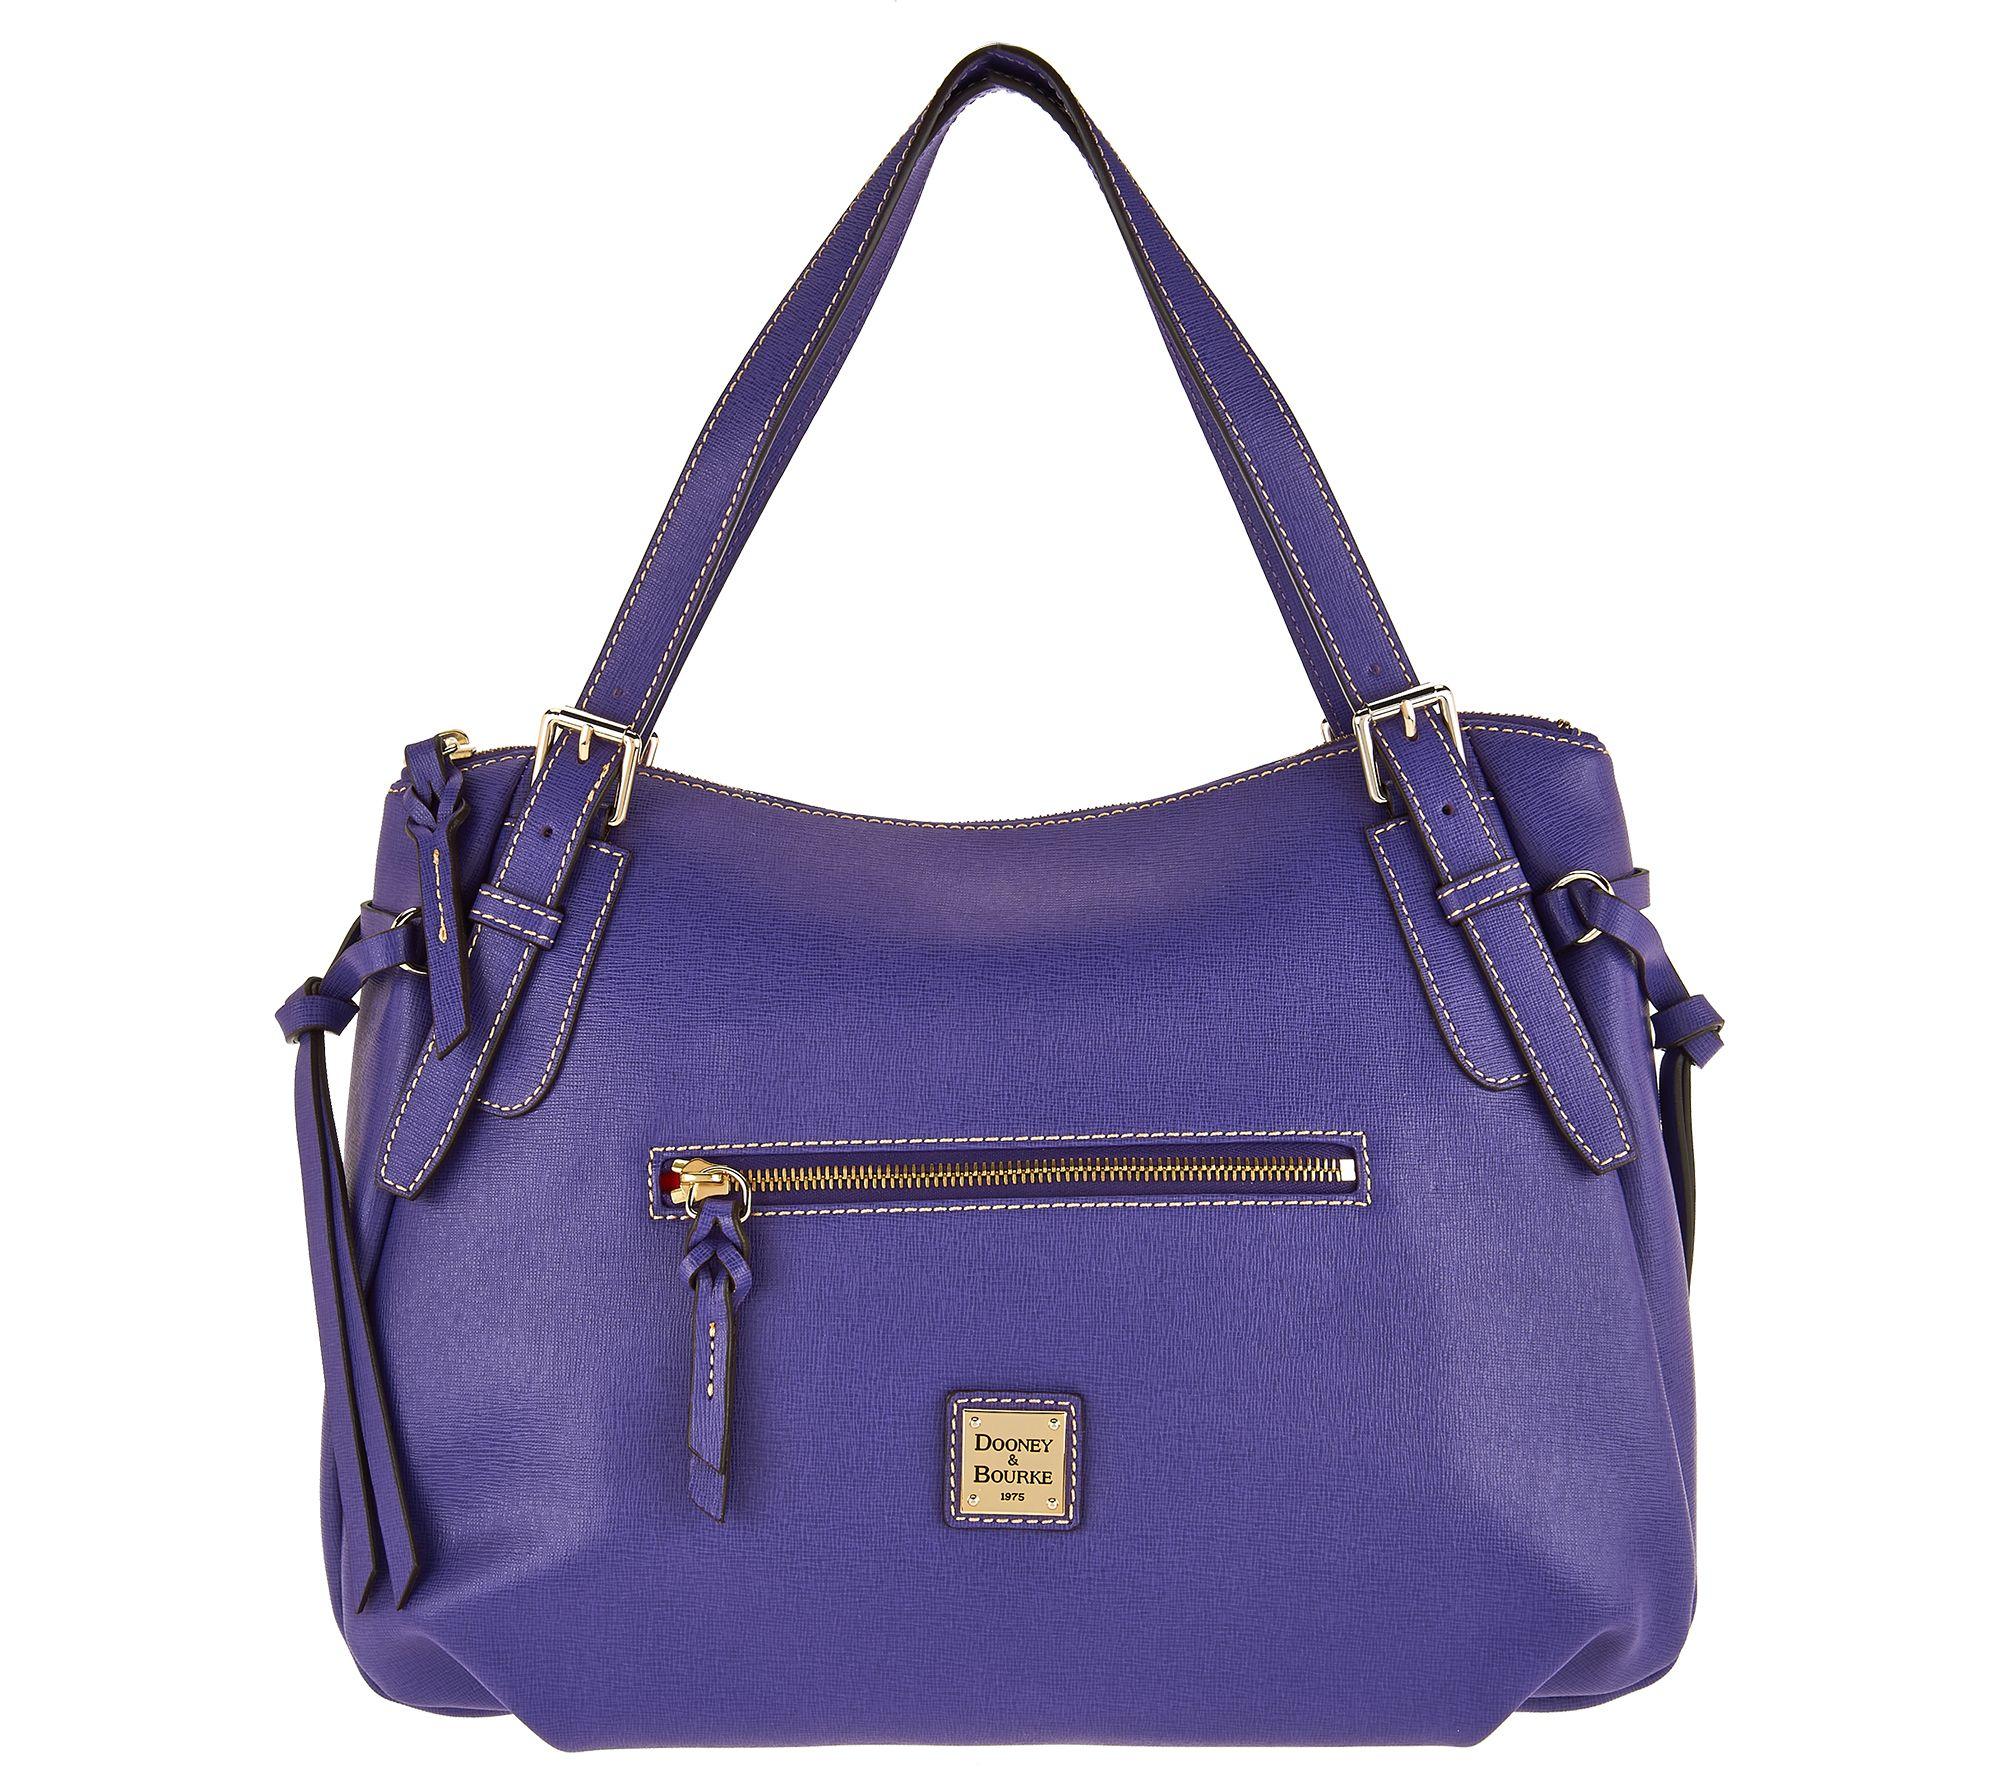 df61ad0f8d22 Dooney & Bourke Saffiano Large Nina Shoulder Bag - Page 1 — QVC.com